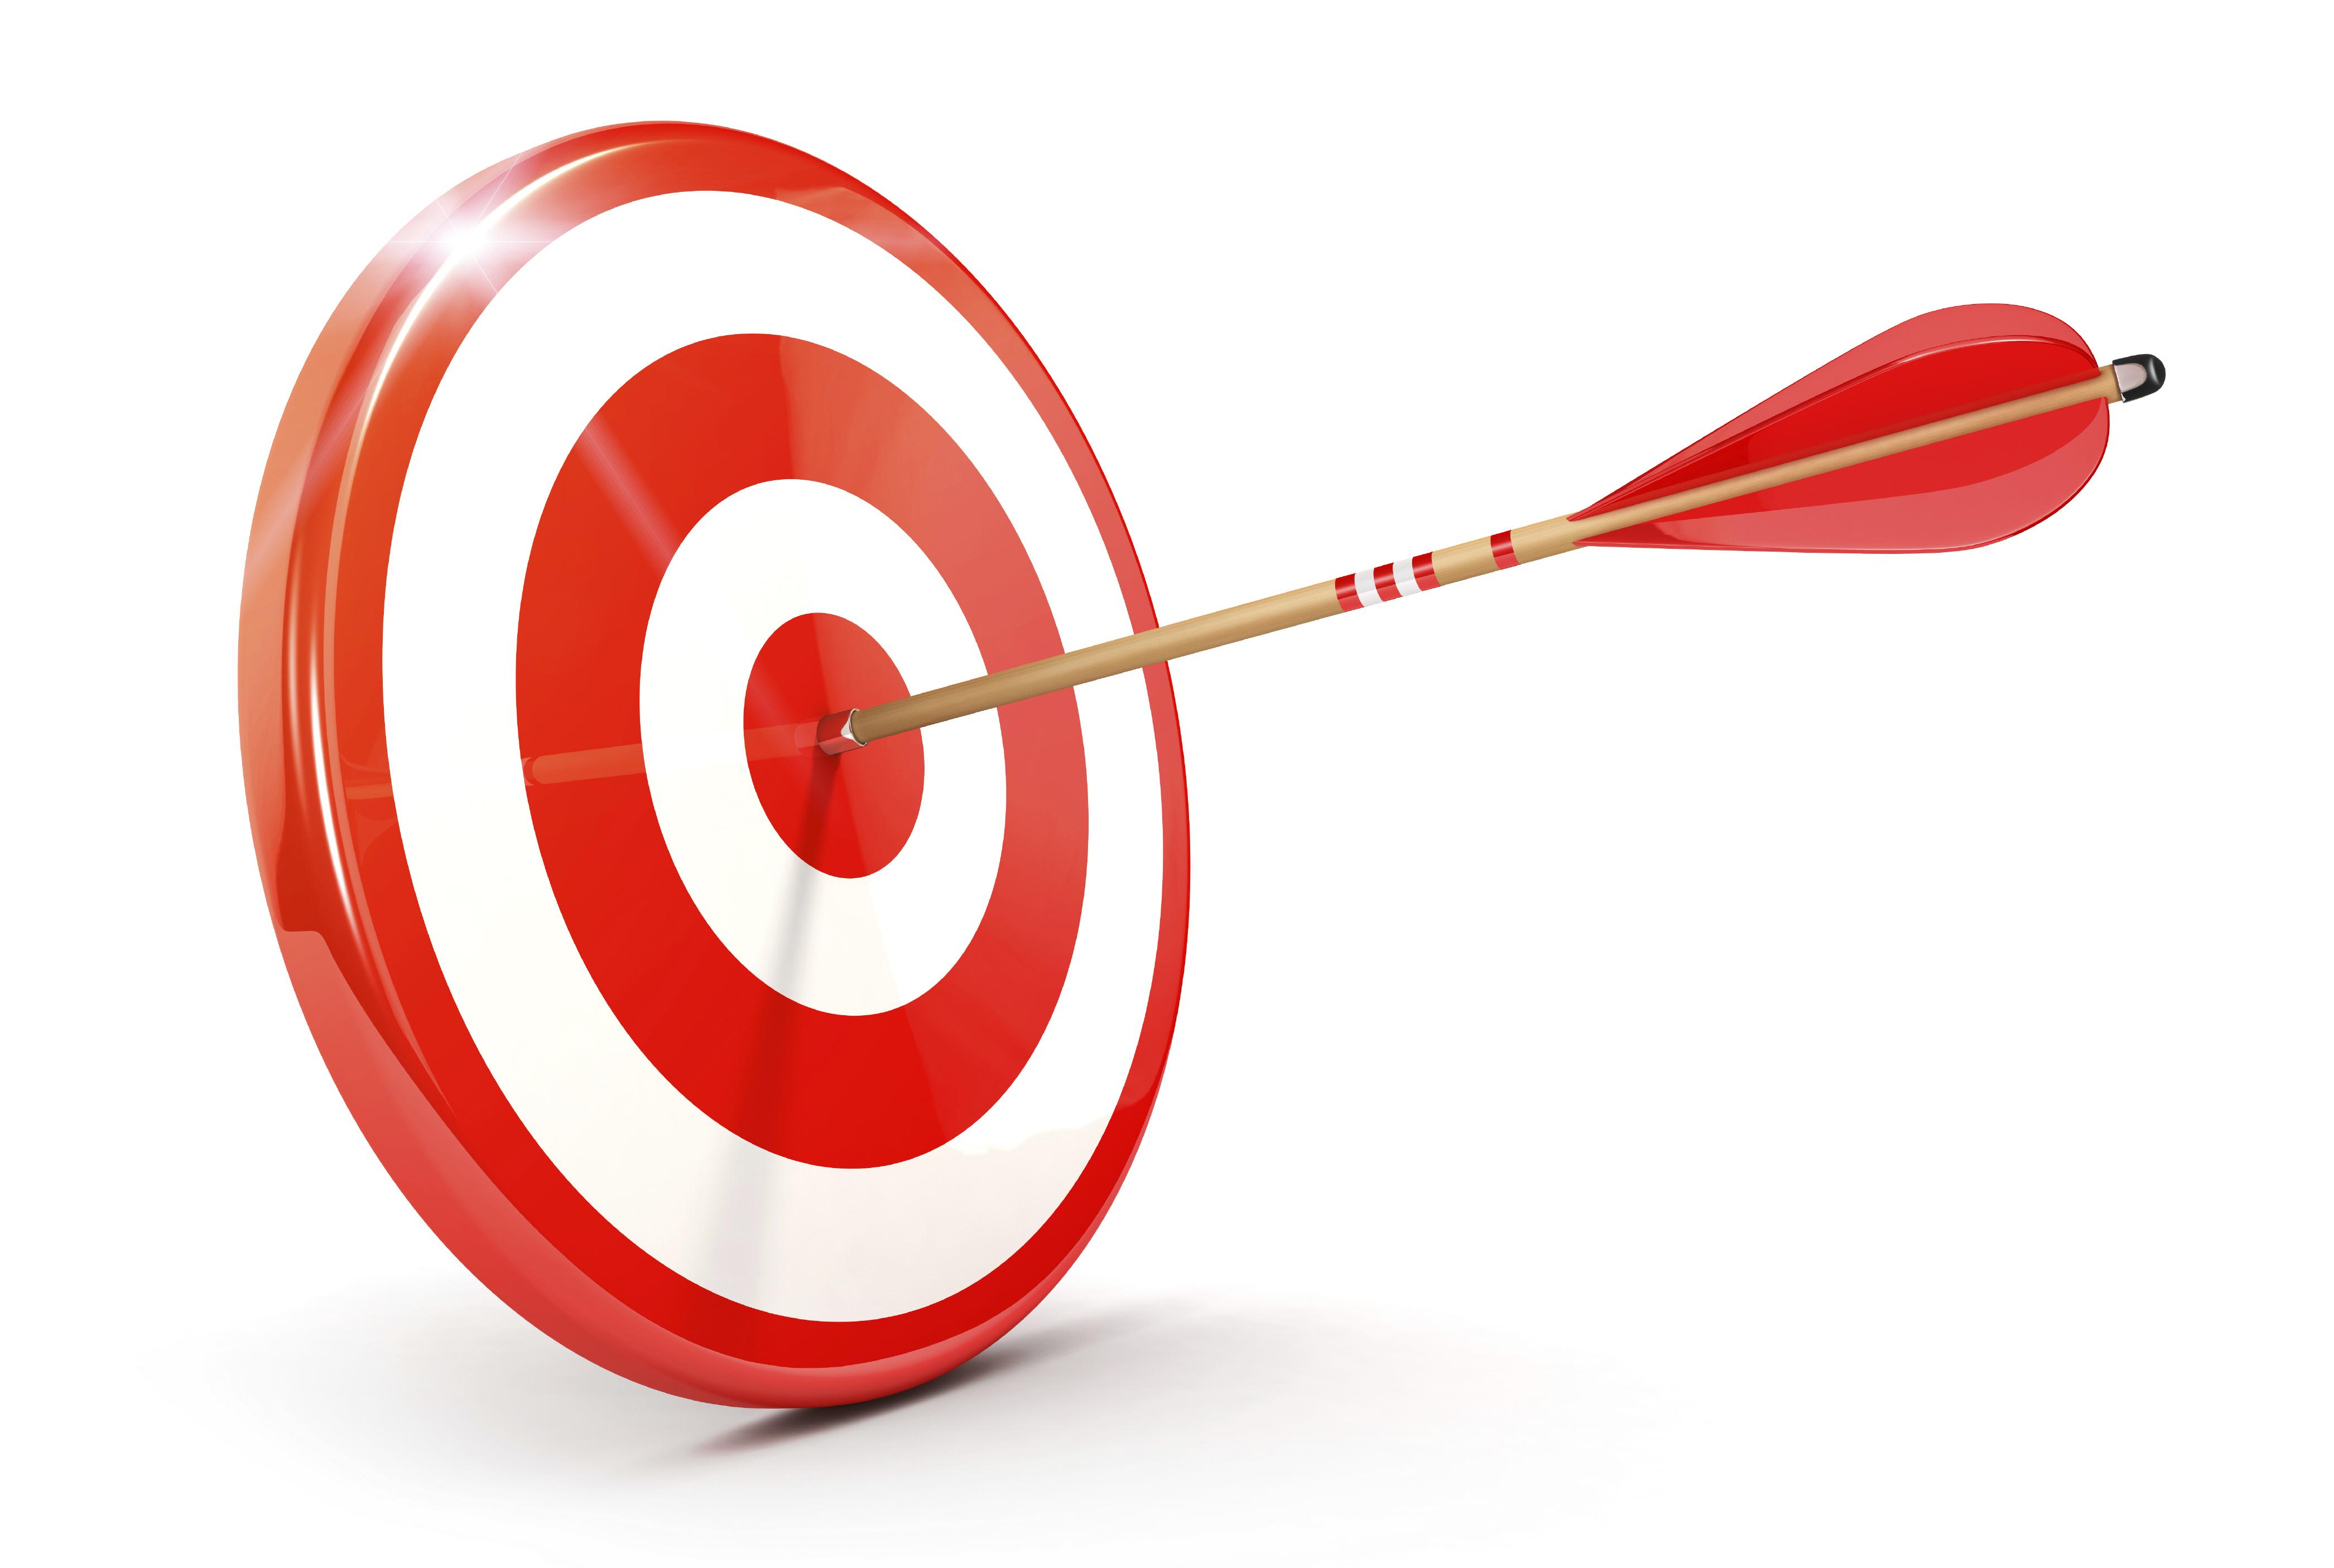 Target jpg freeuse download Taking stock of the Target data breach | Byte Back jpg freeuse download